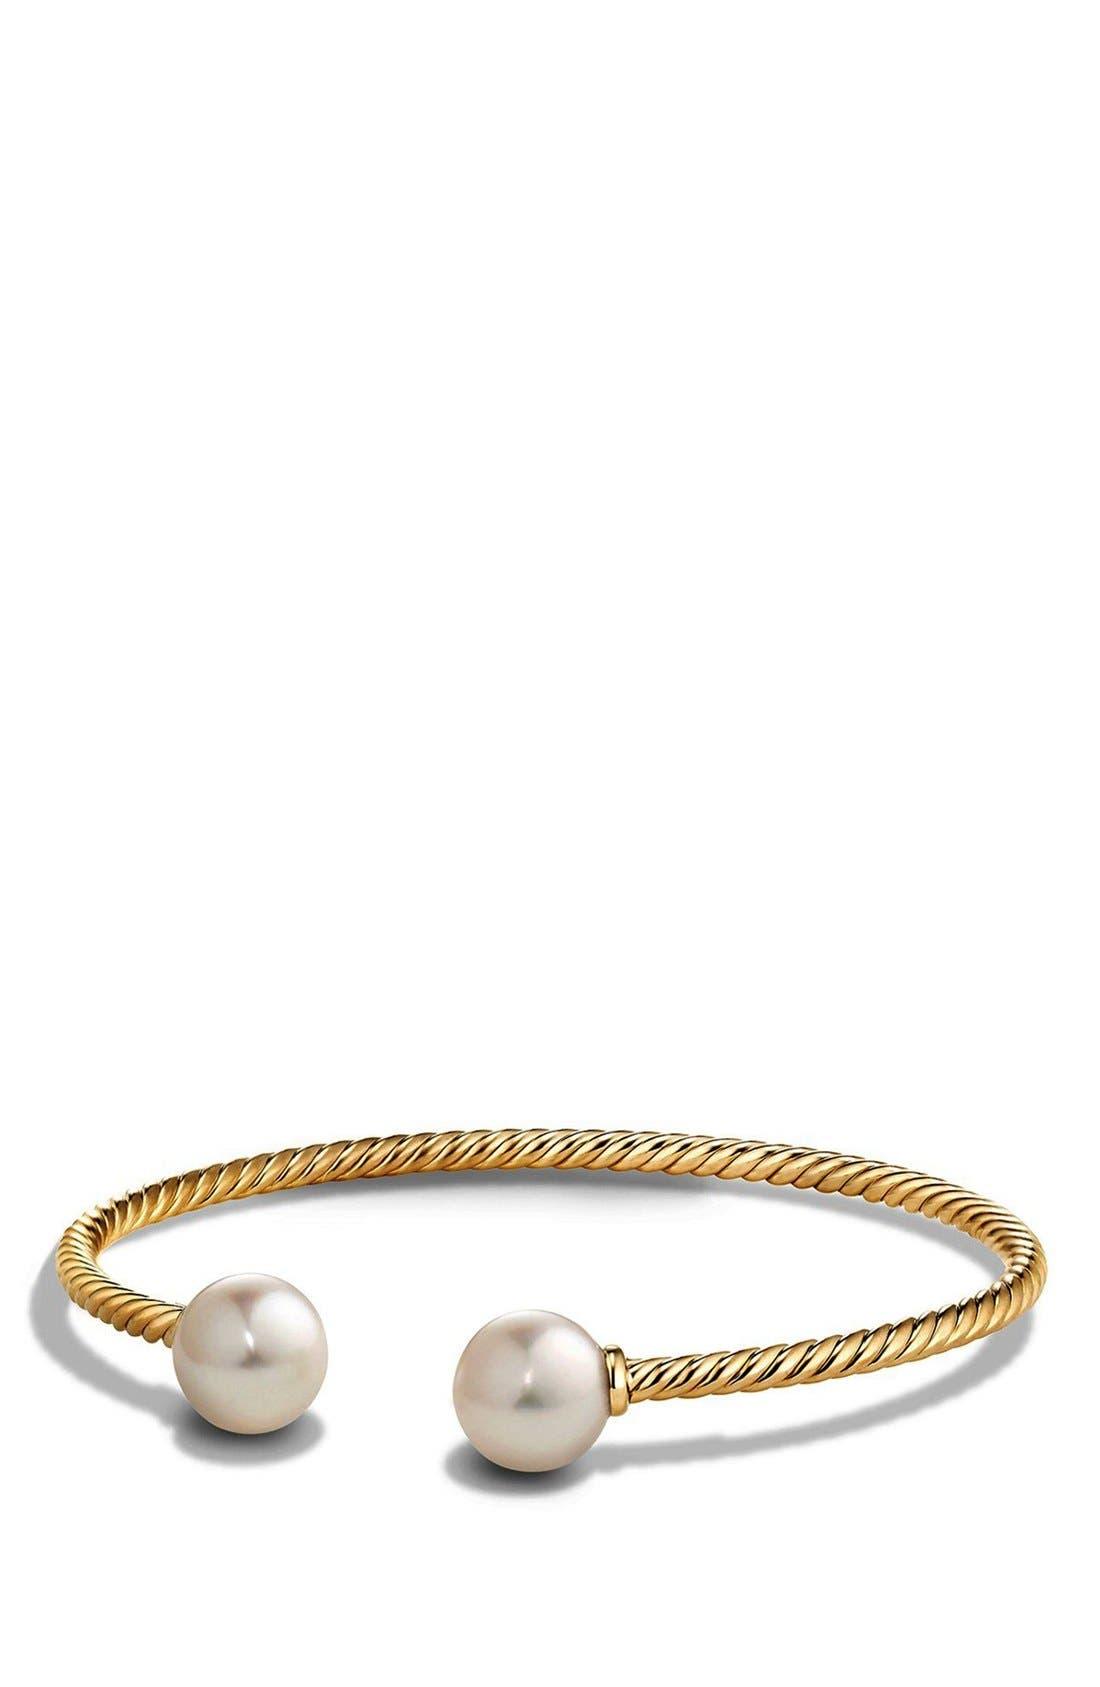 David Yurman 'Solari' Bead Bracelet